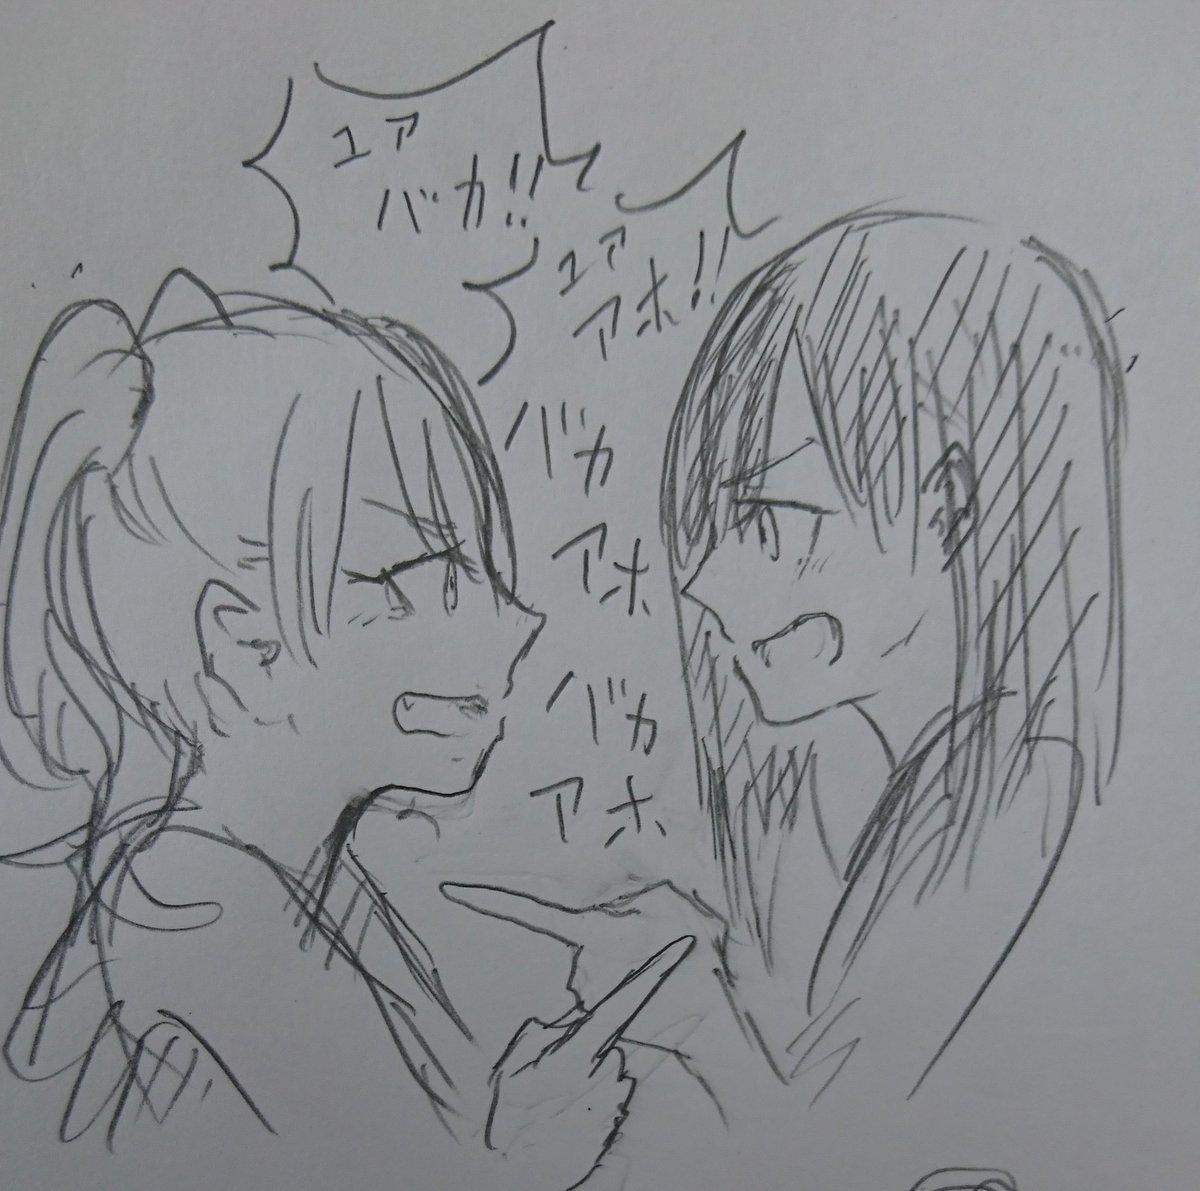 【エンタメ画像】【モーニング娘。'18】石田亜佑美と佐藤優樹がステージ上でお互いを罵倒し合い一触触発の大ゲンカ